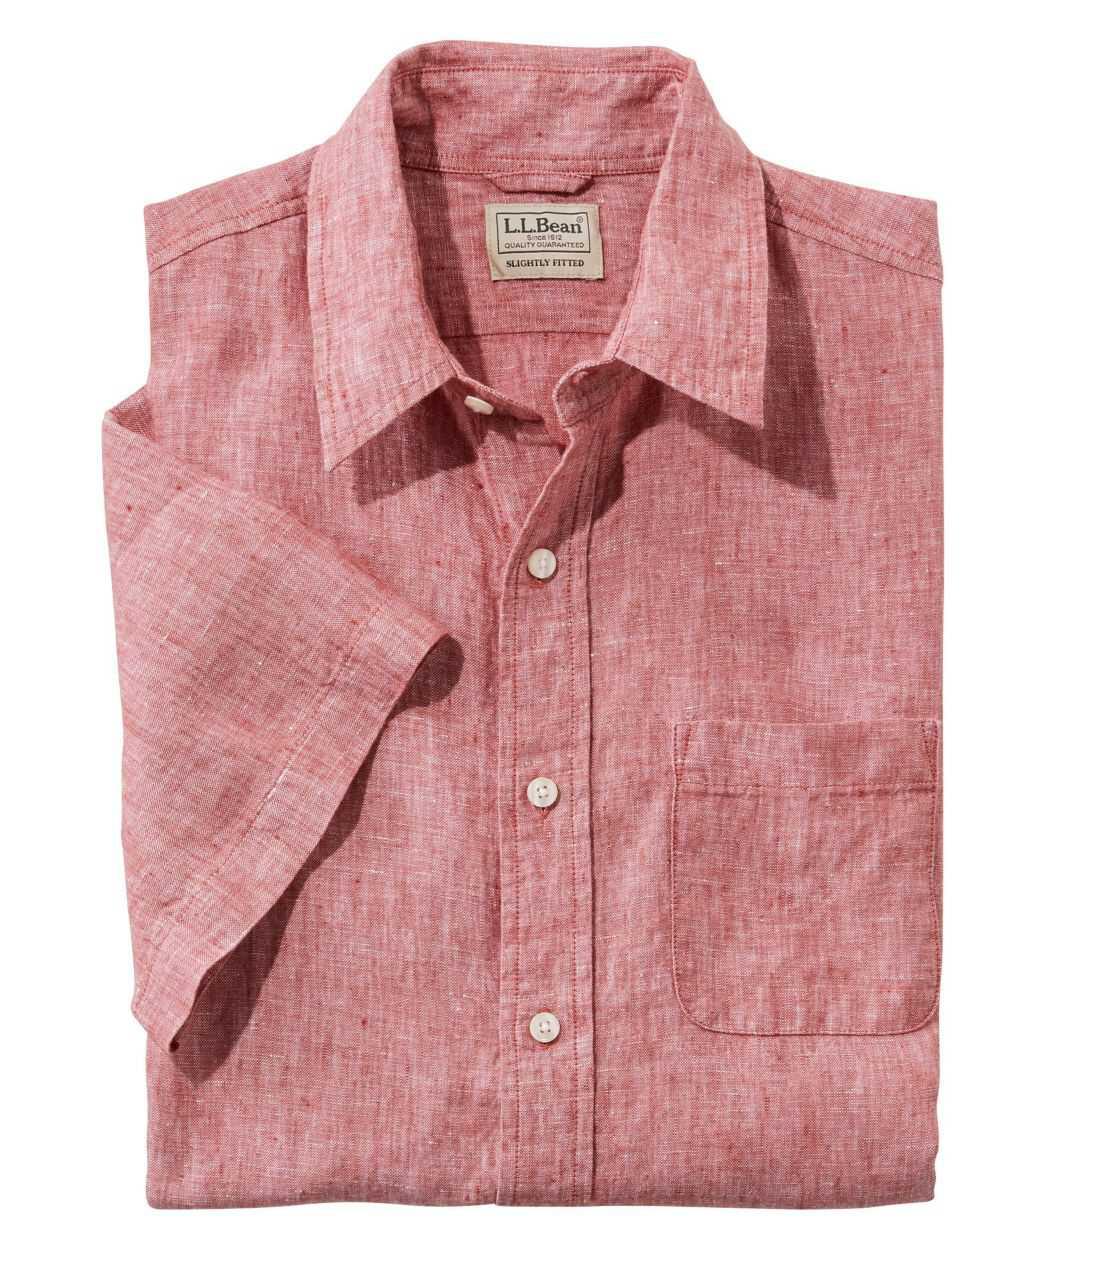 エル・エル・ビーン・リネン・シャツ、半袖